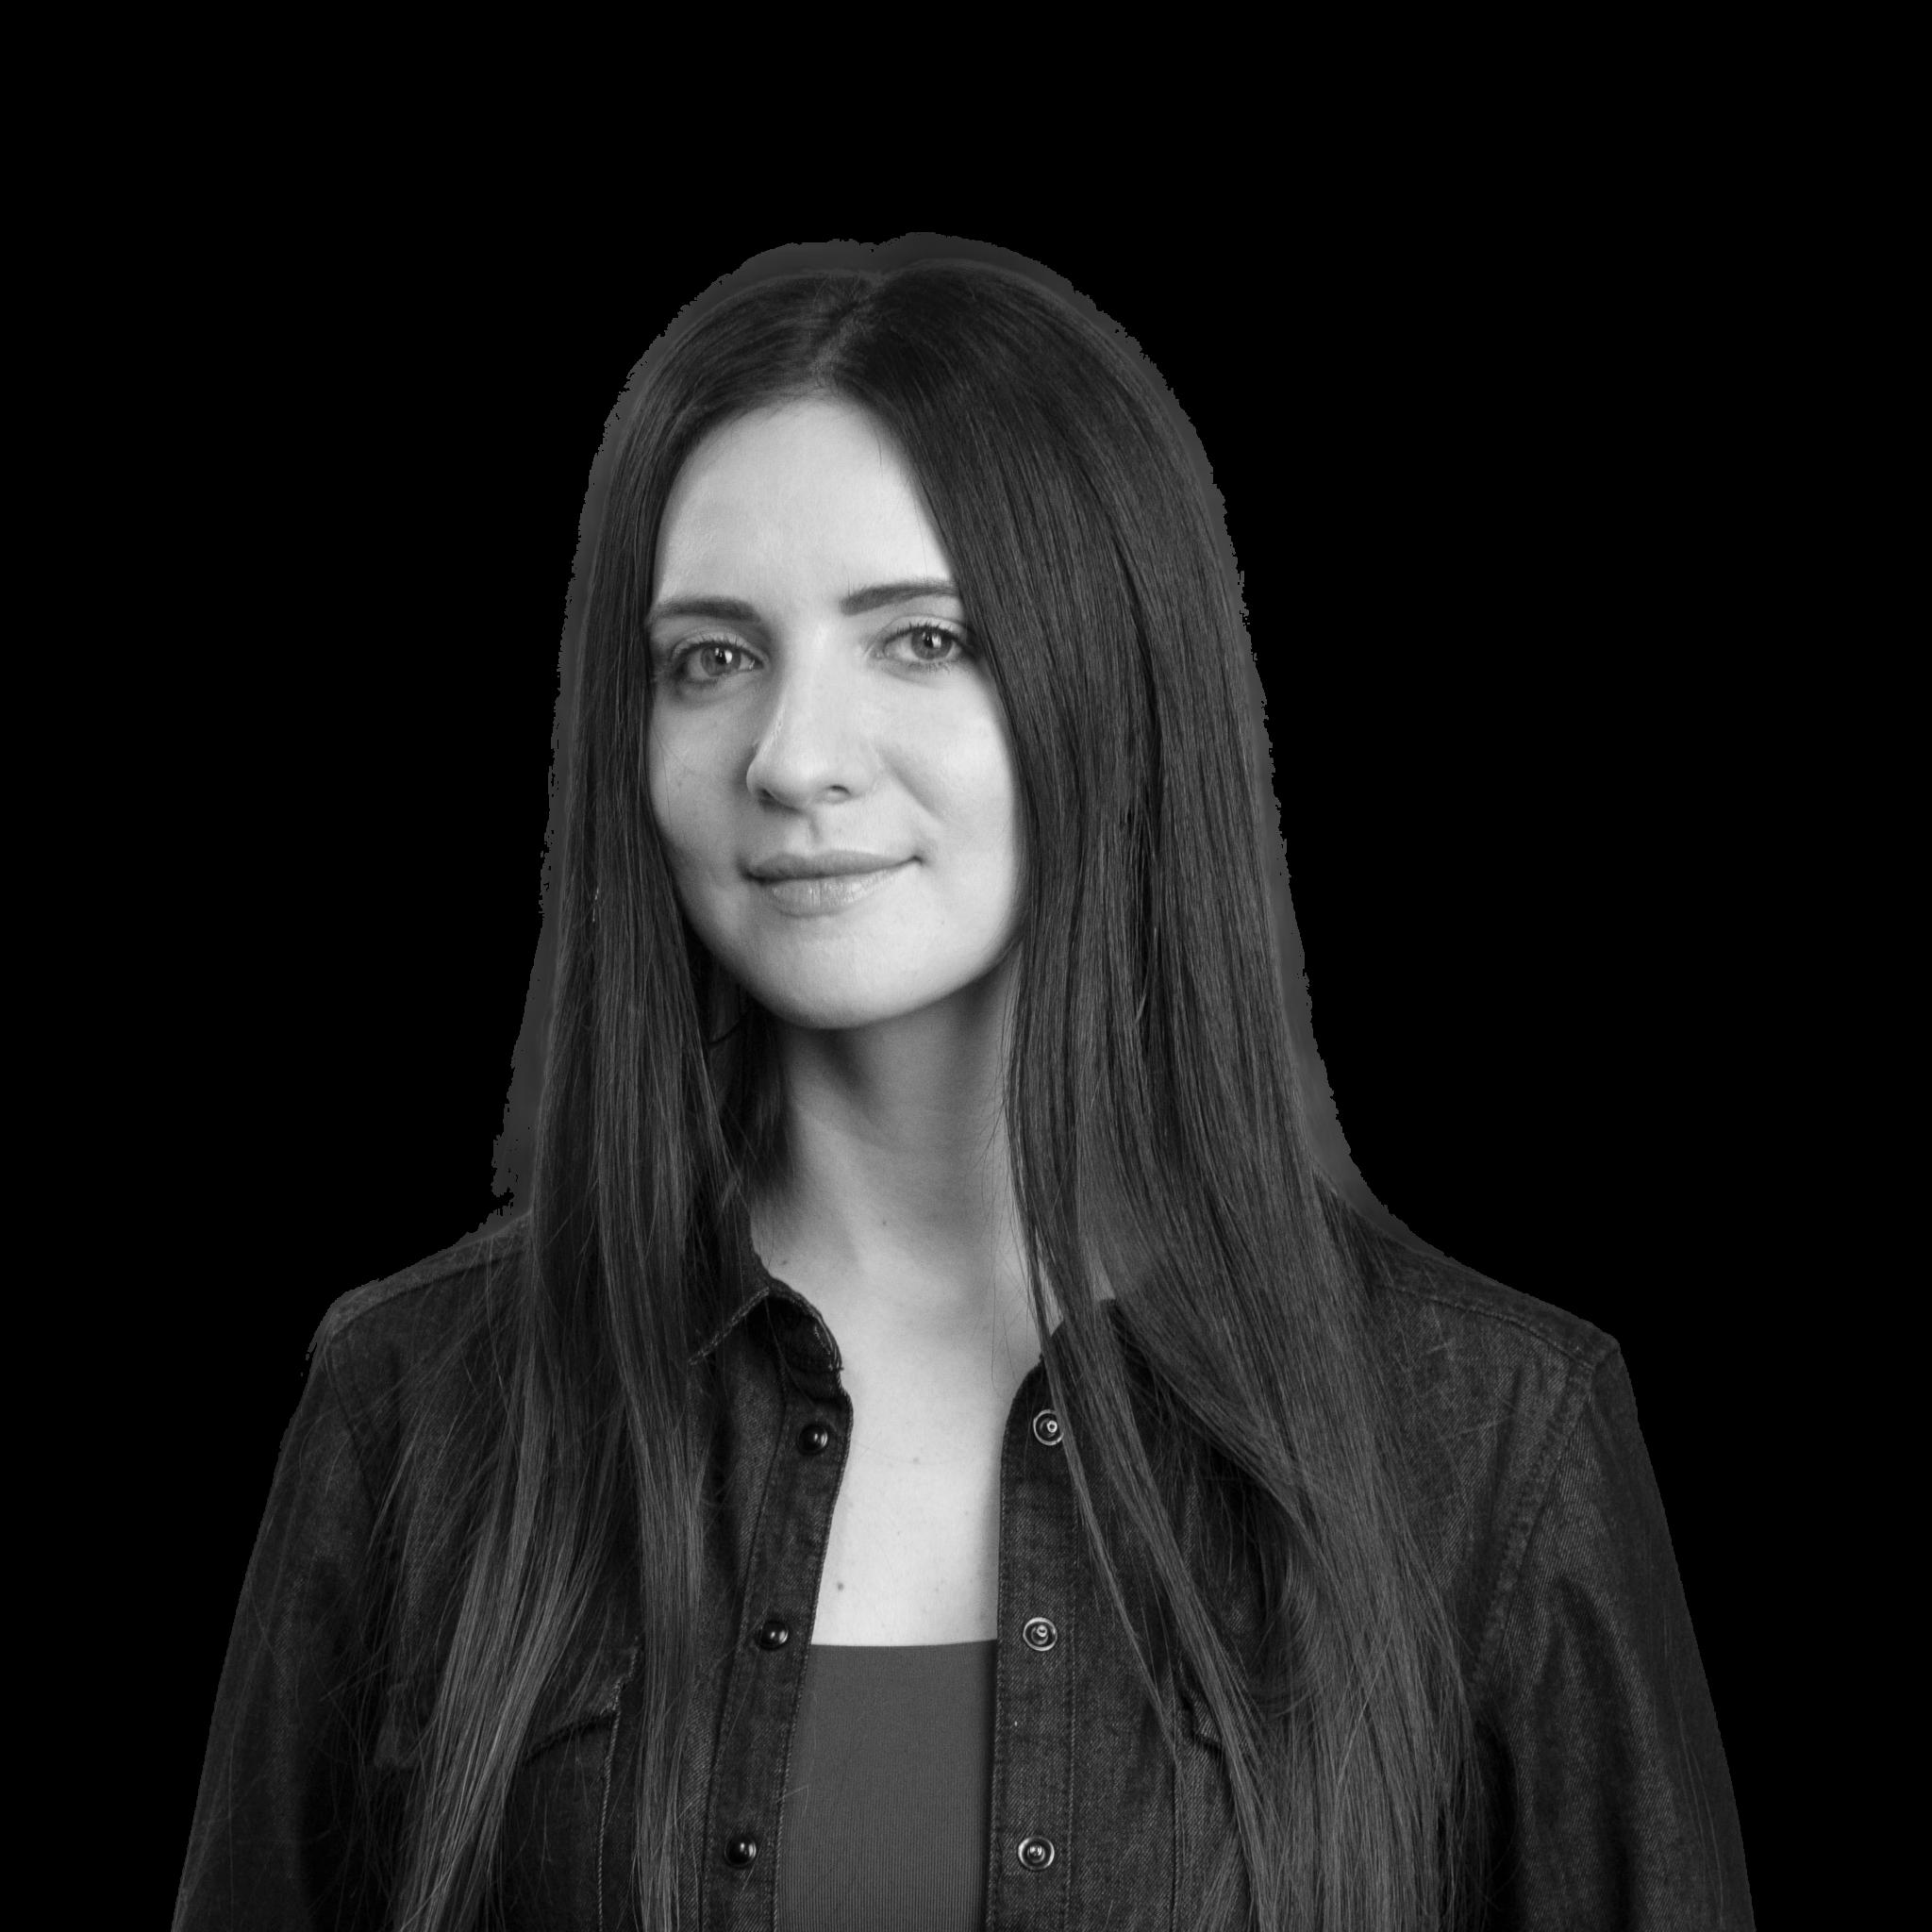 Khrystyna Grynko 's headshot